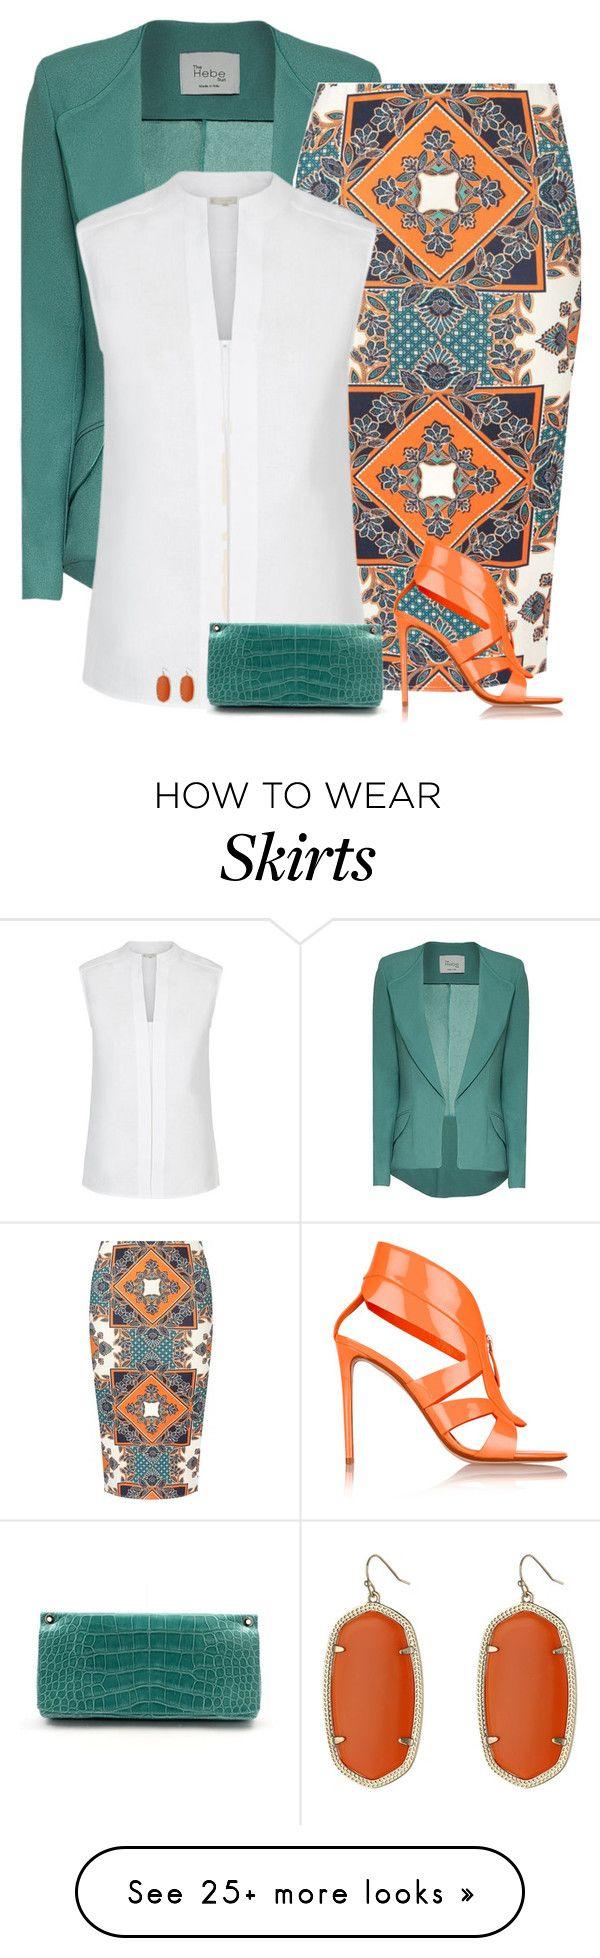 Blusa Branca + Blazer Verde + Saia Colorida + Sandalia